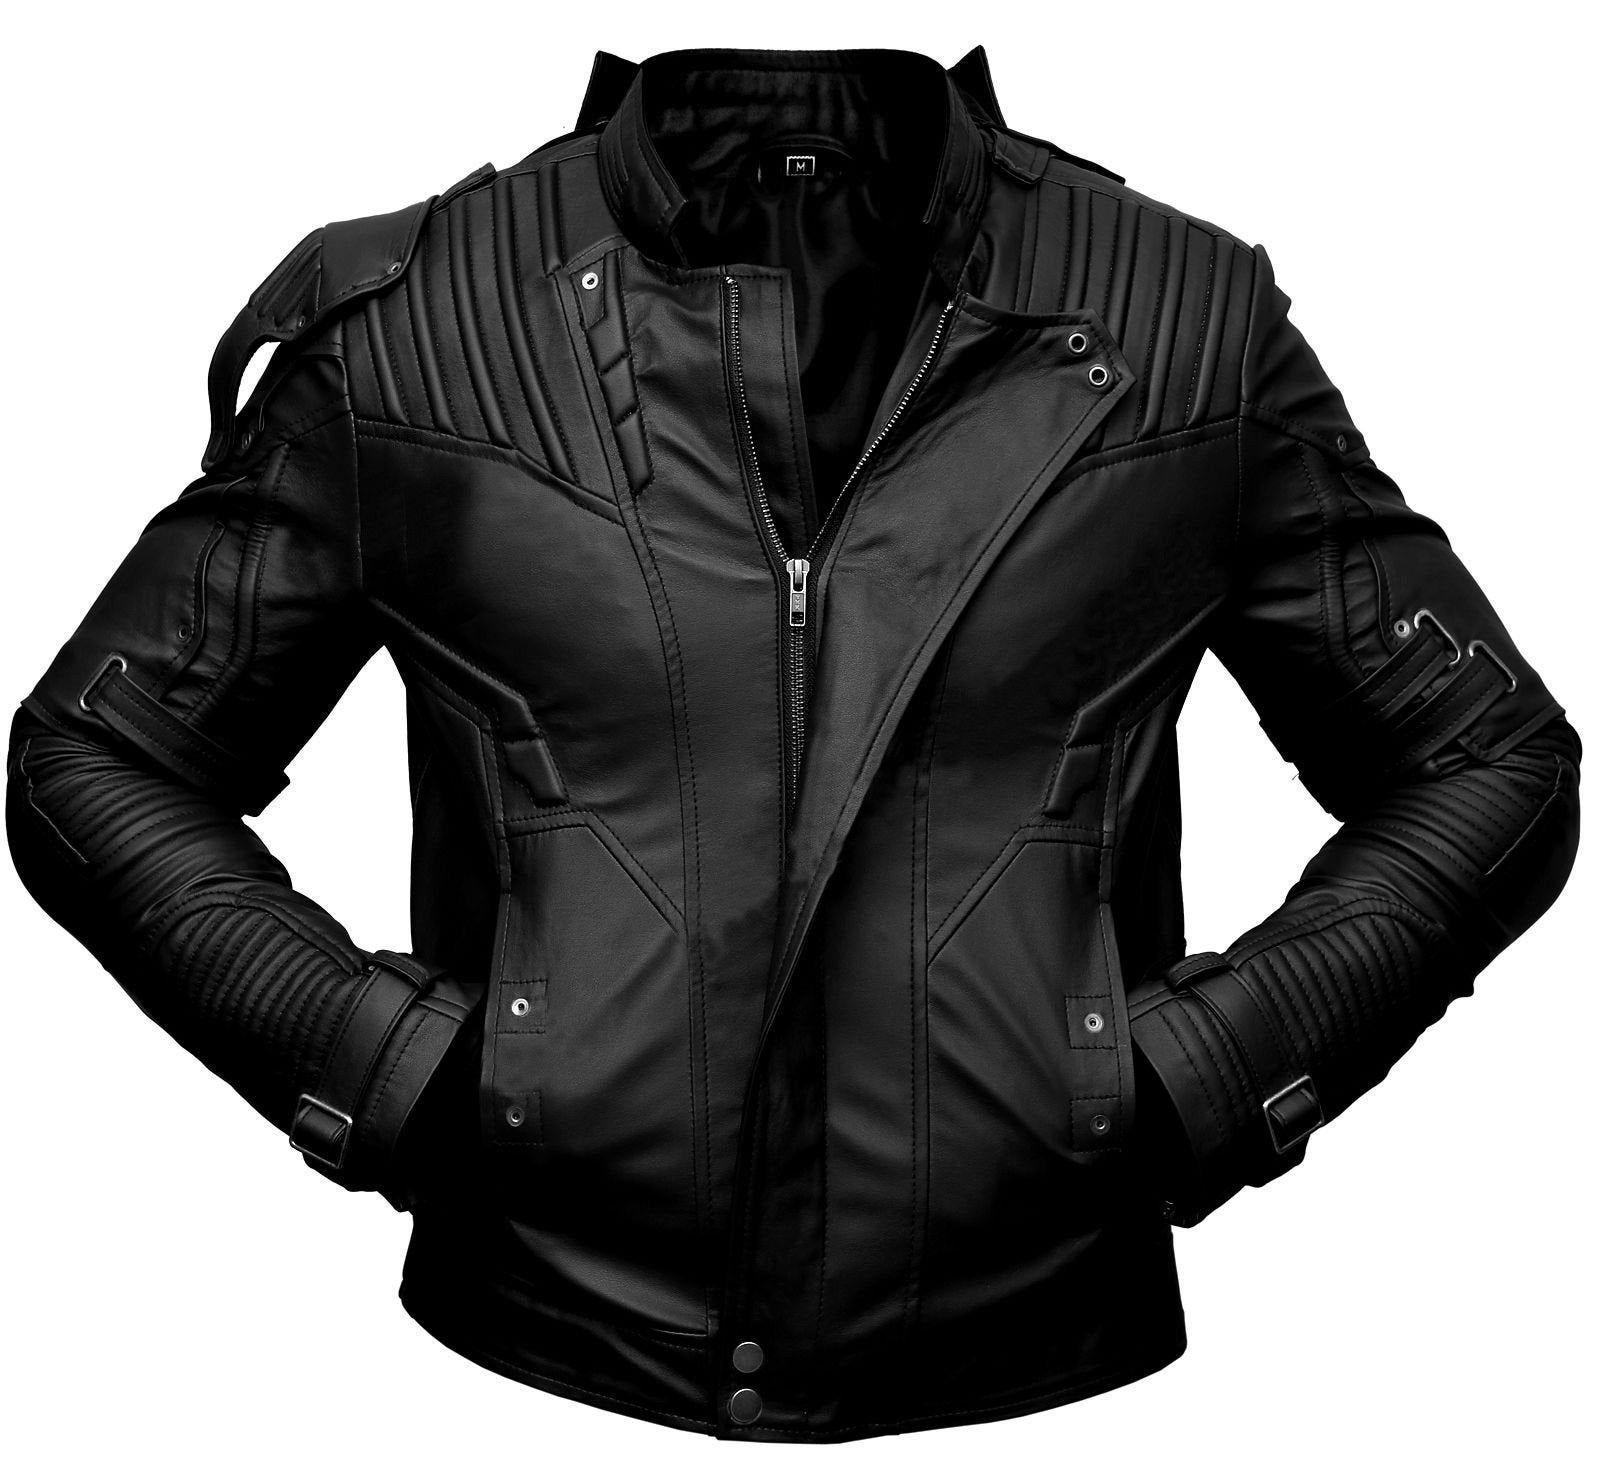 Men Guardian Distressed Vintage Black Leather Jacket Guardians Etsy In 2021 Leather Jacket Men Leather Jacket Leather Jacket Black [ 1478 x 1600 Pixel ]